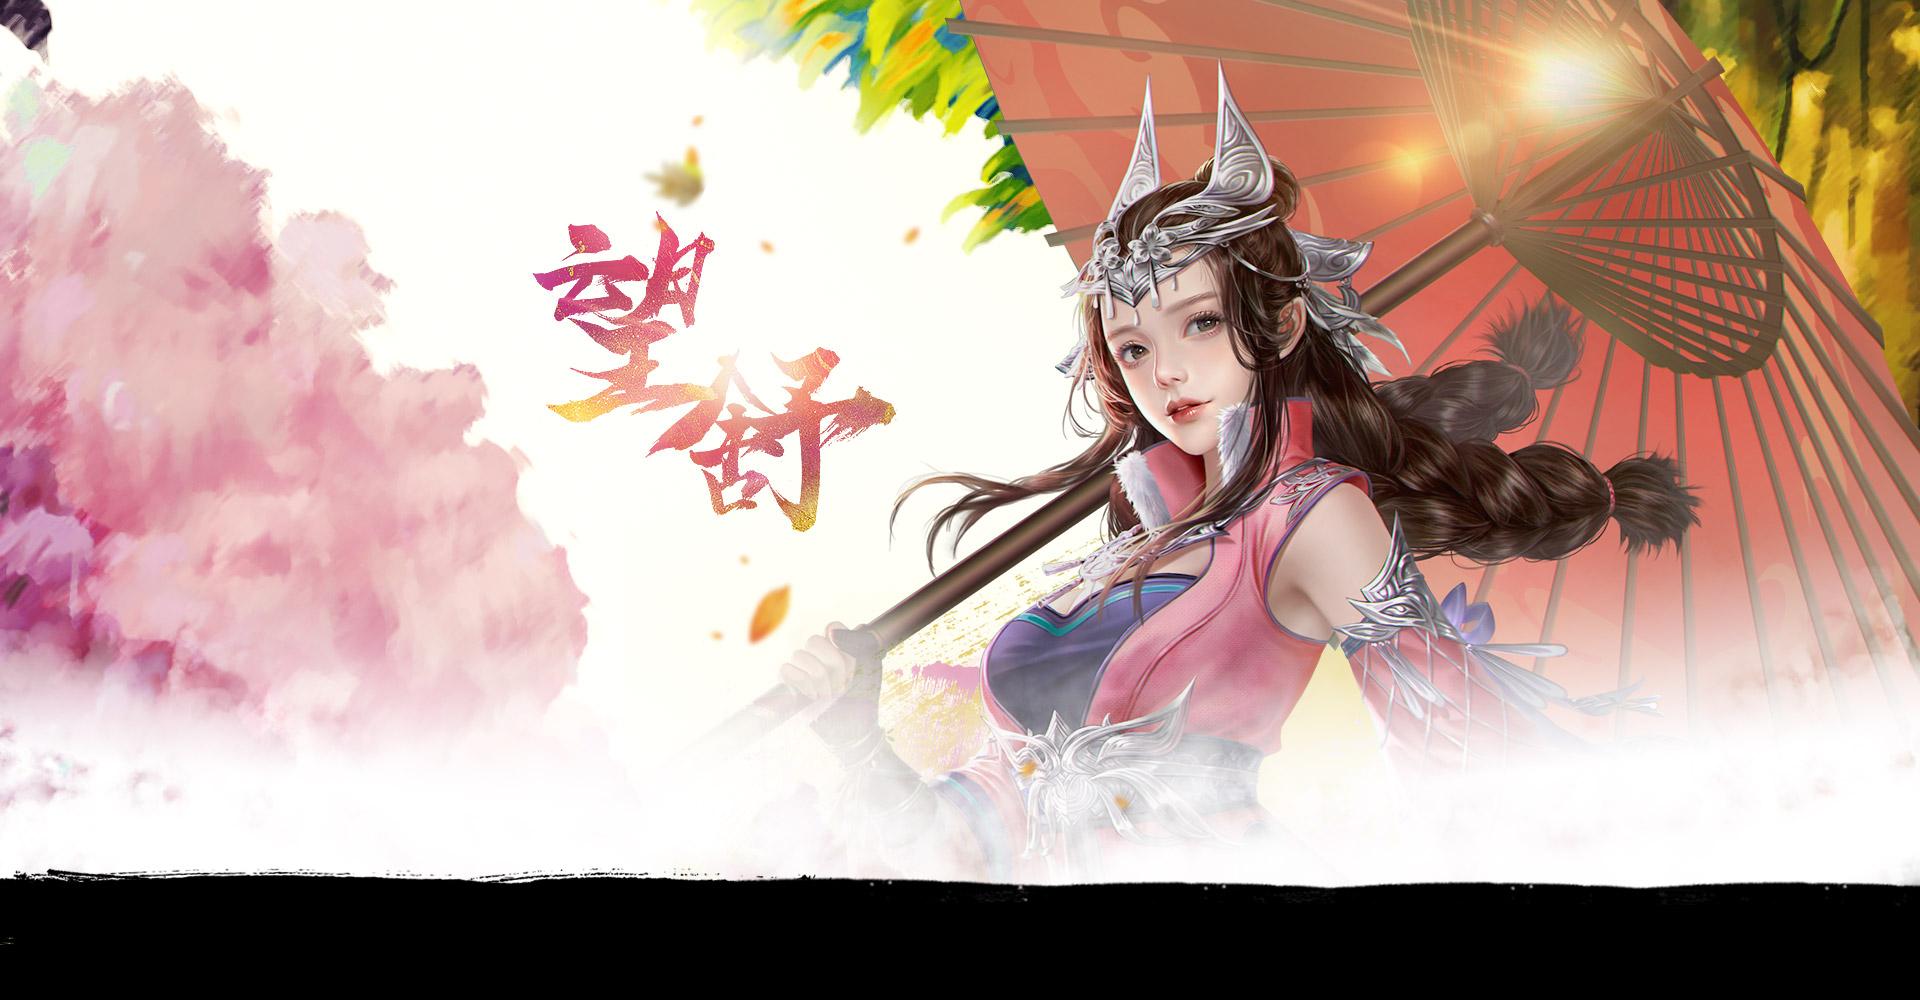 《神舞幻想》角色望舒 - 《神舞幻想》官方网站 - 1.jpg